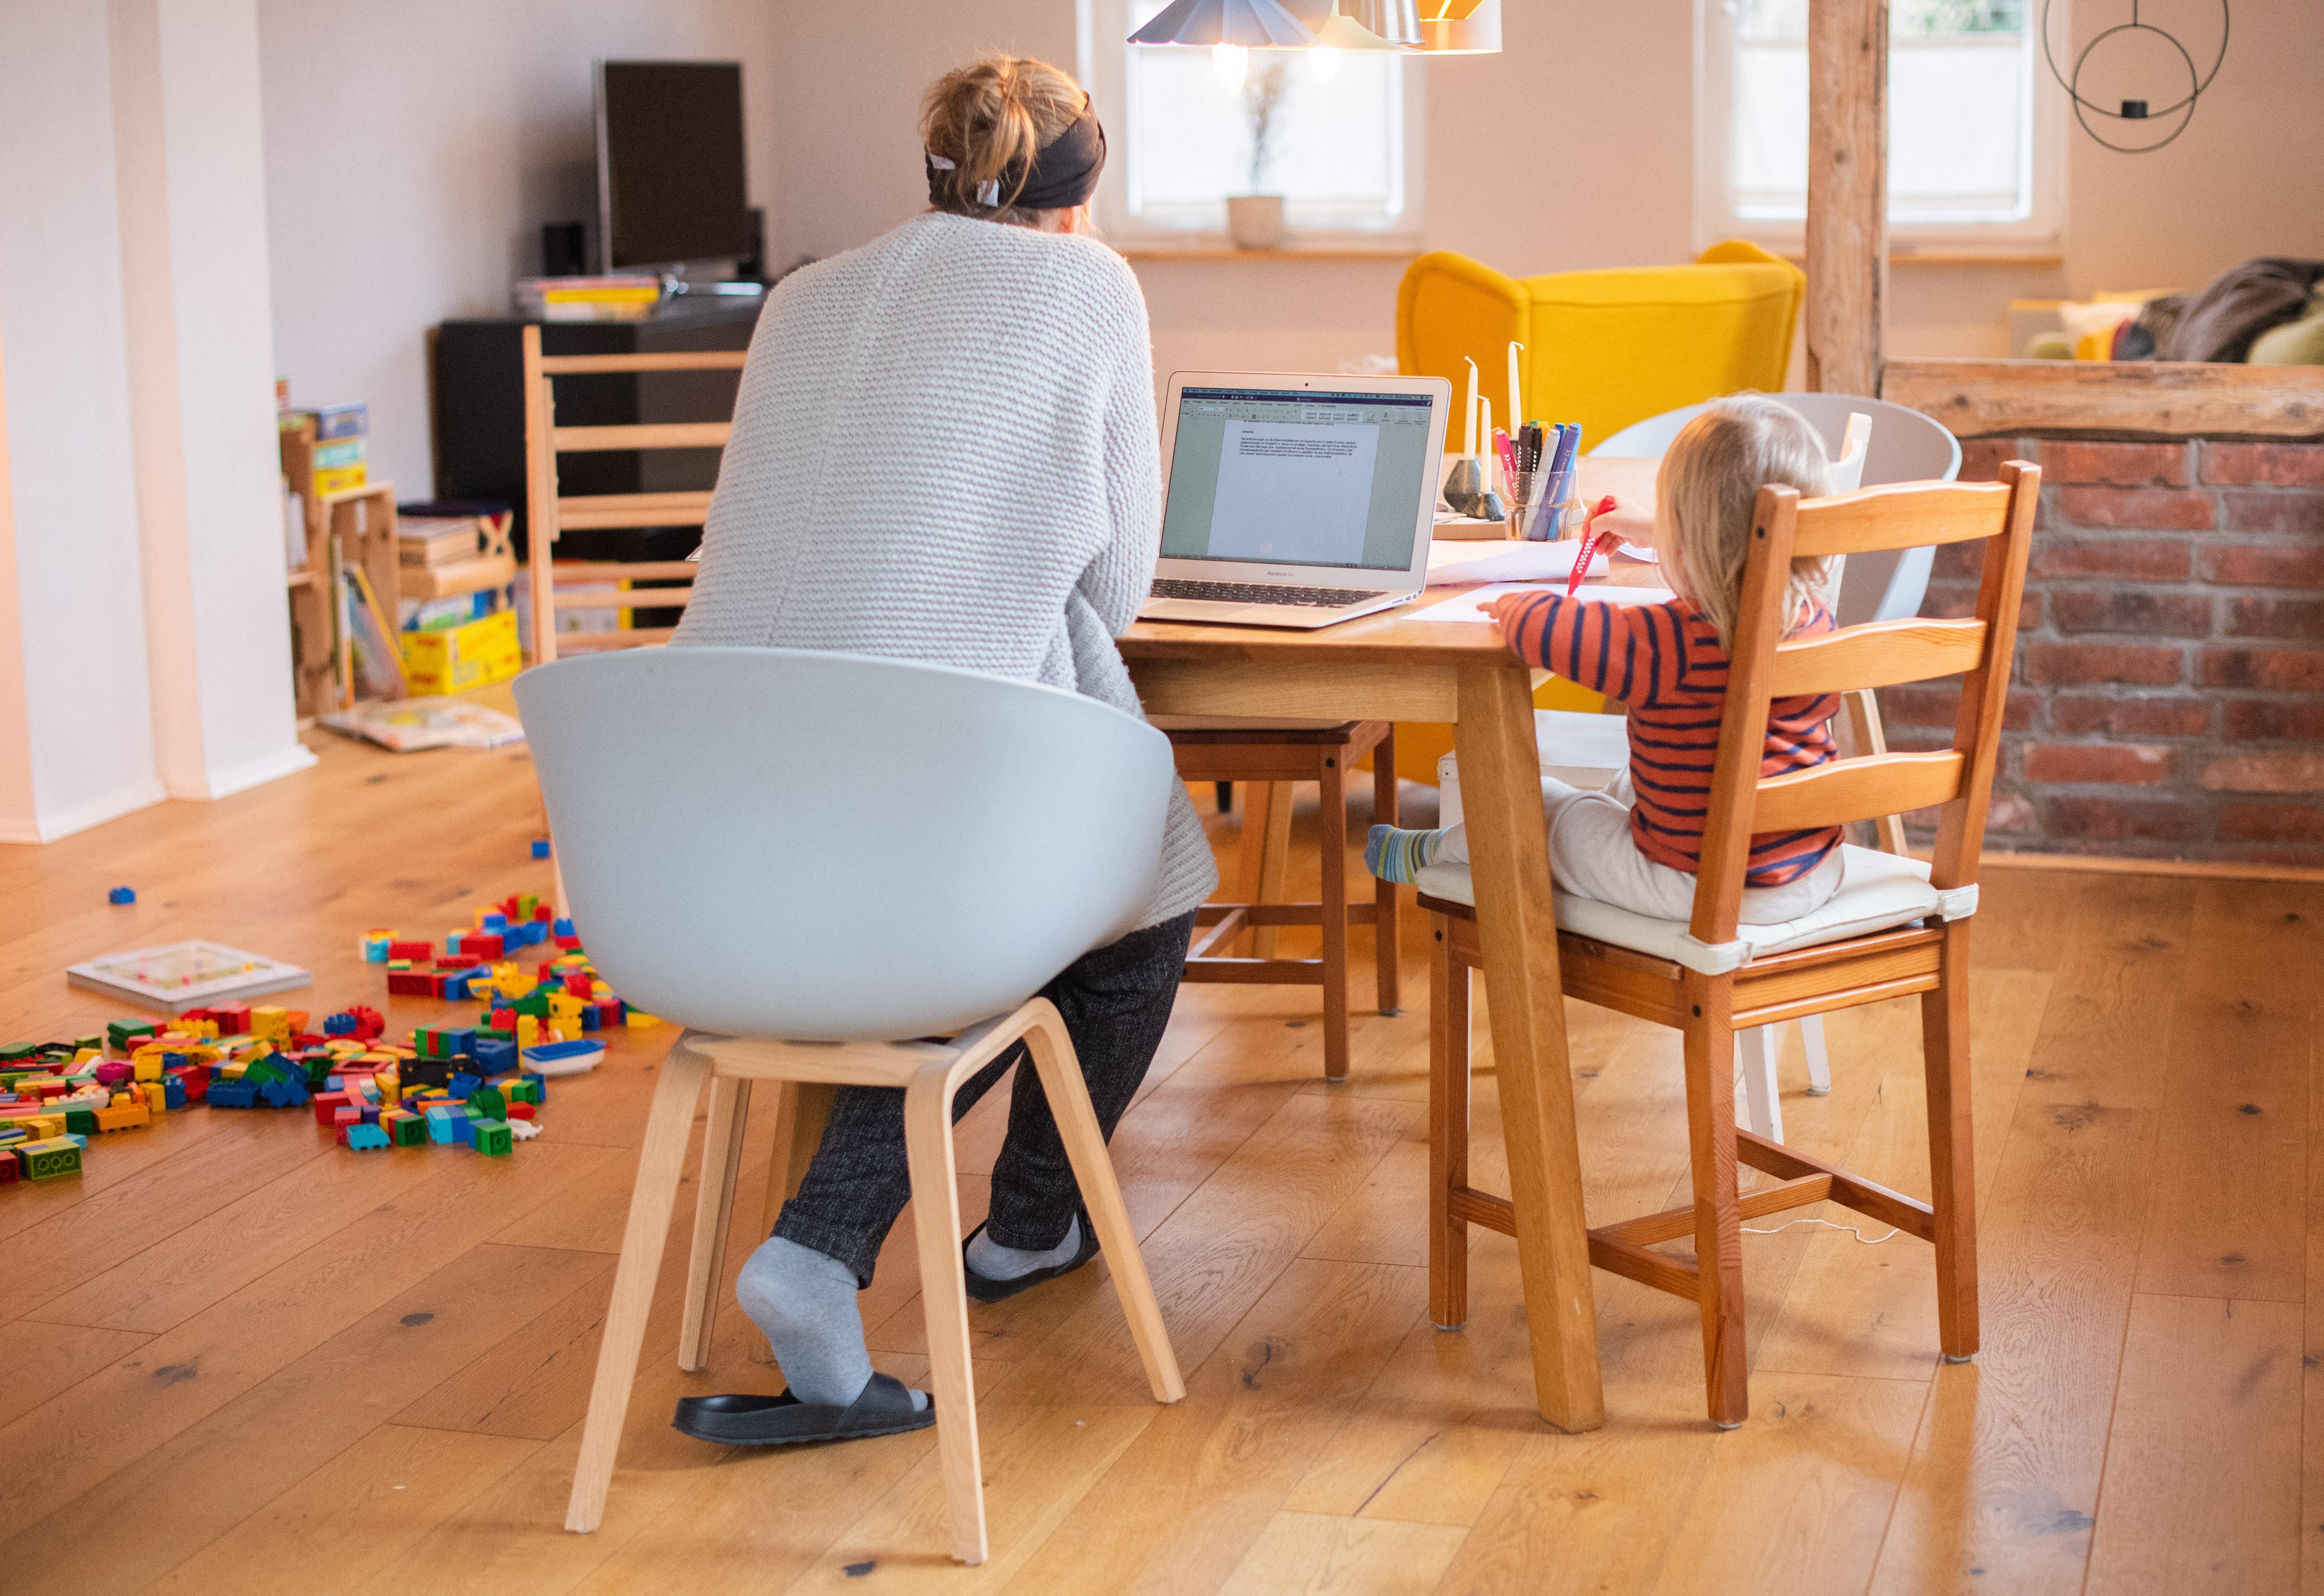 Még igényelhetik az ingyenes internetet a szolgáltatóknál az általános iskolások és a pedagógusaik